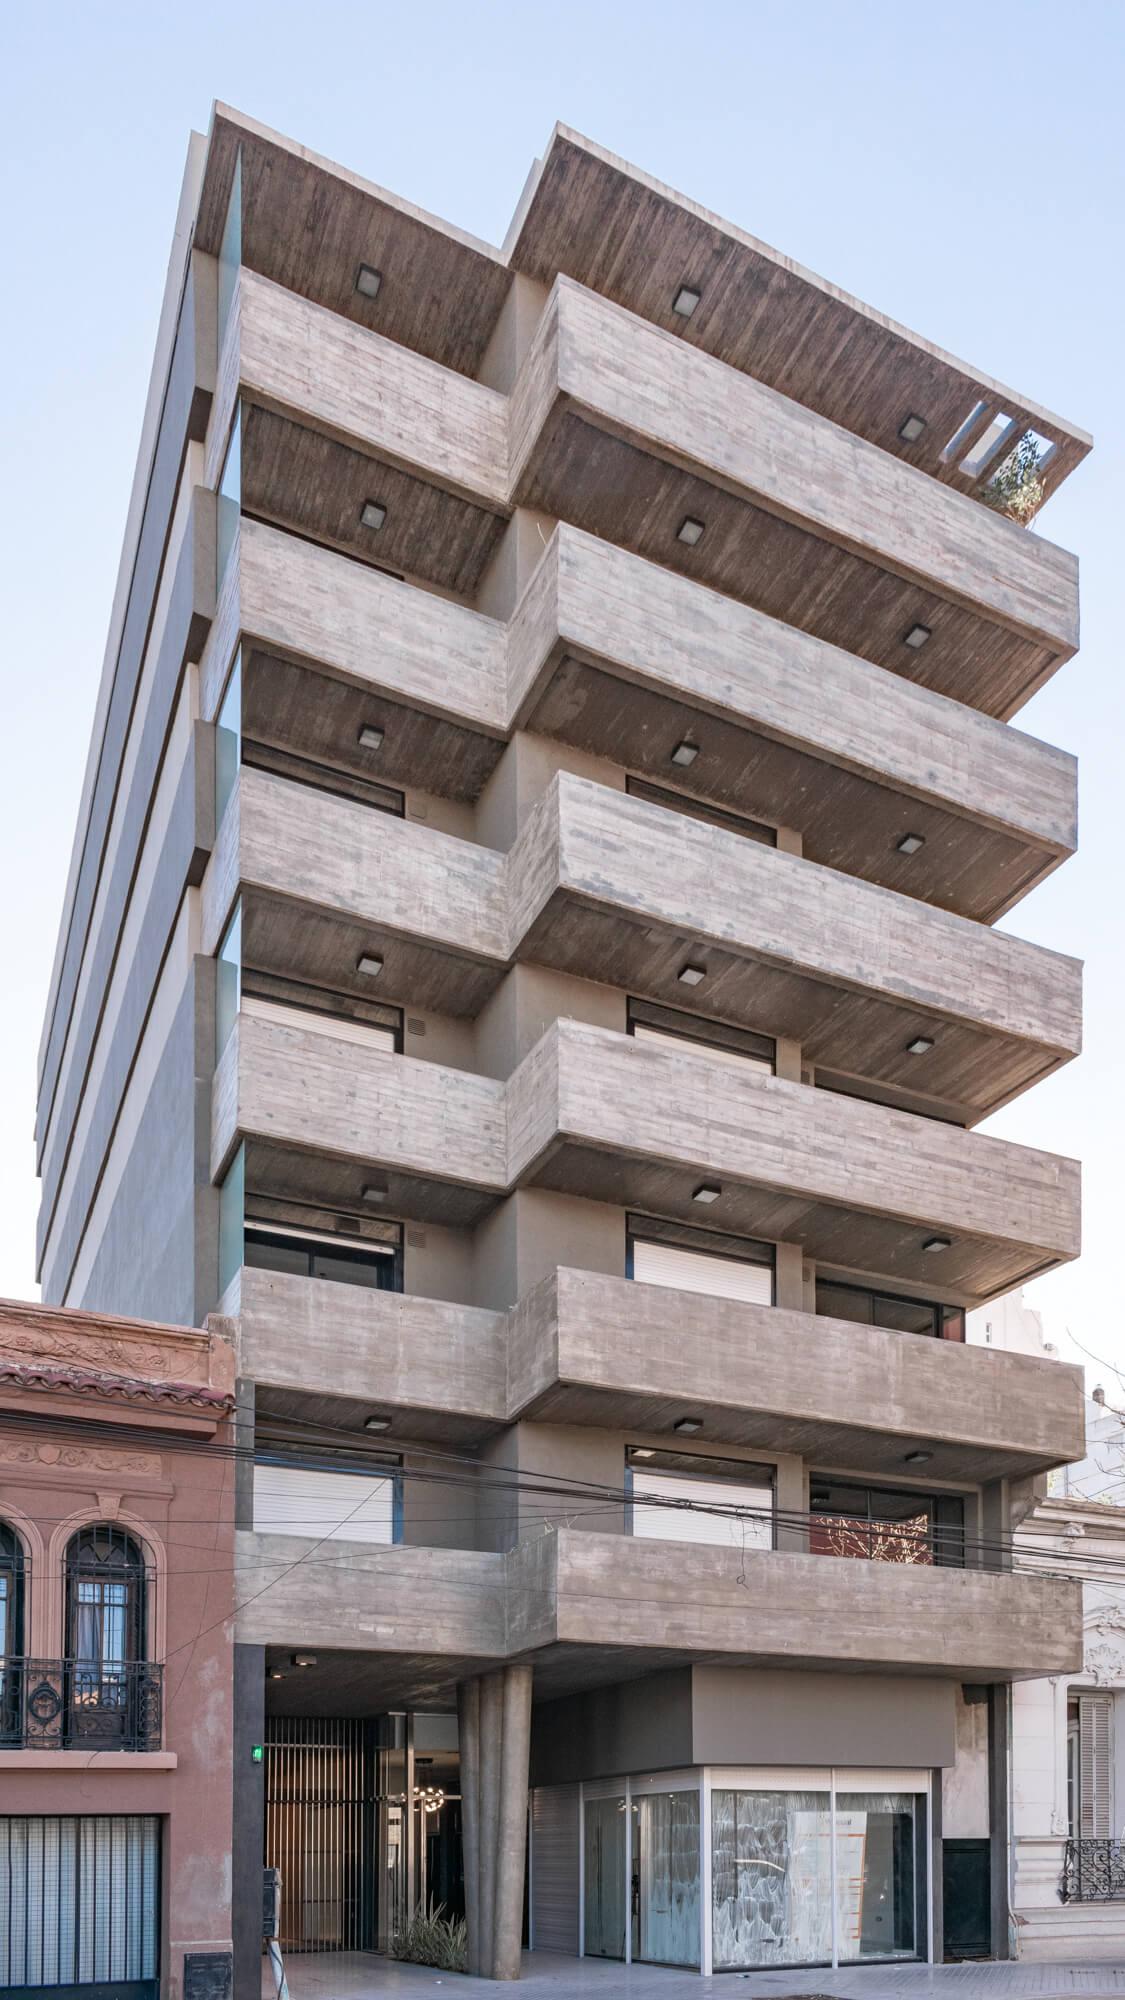 fachada - Constructora en Rosario